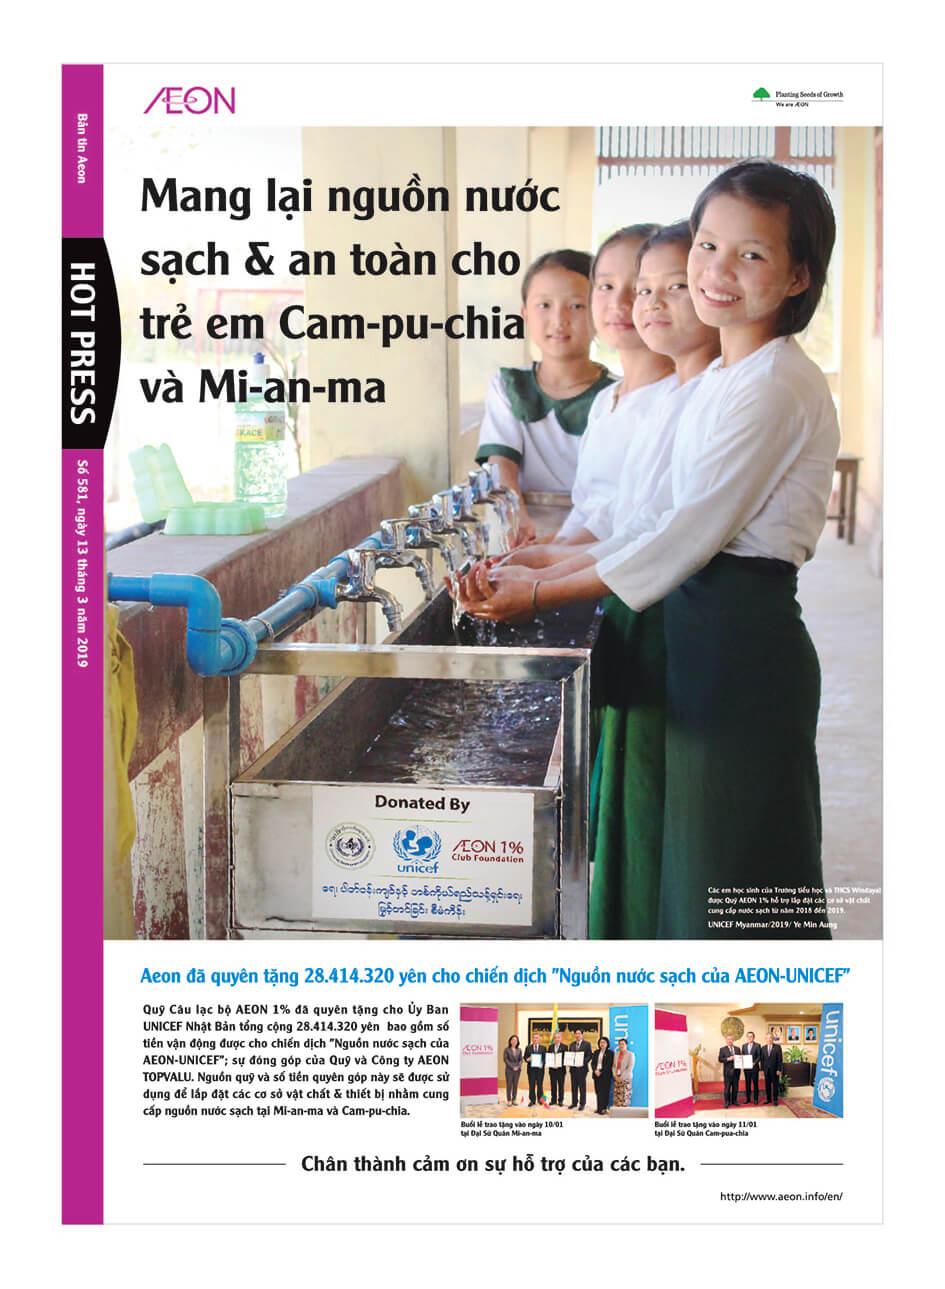 Mang lại nguồn nước sạch & an toàn cho trẻ em Cam-pu-chia và Mi-an-ma